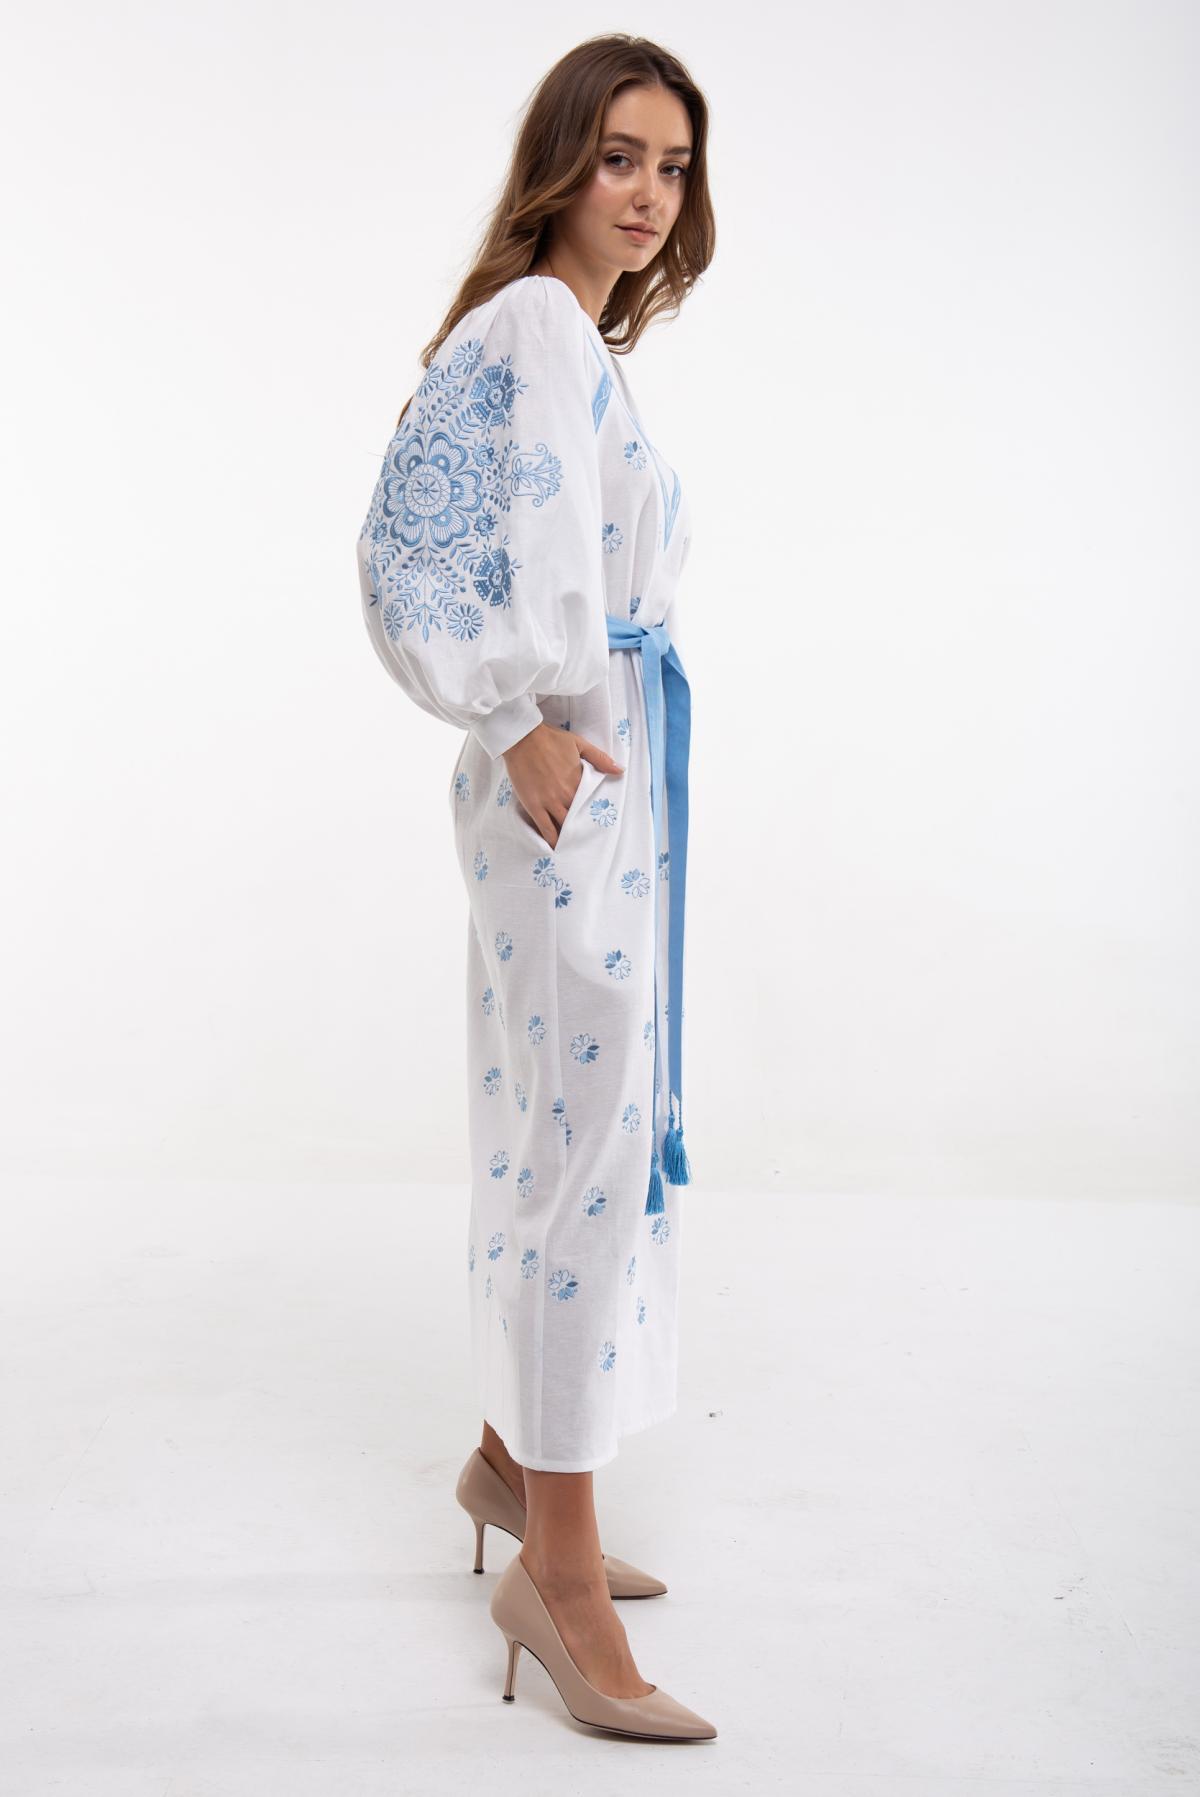 Сукня вишита Росинка біла. Фото №2. | Народний дім Україна